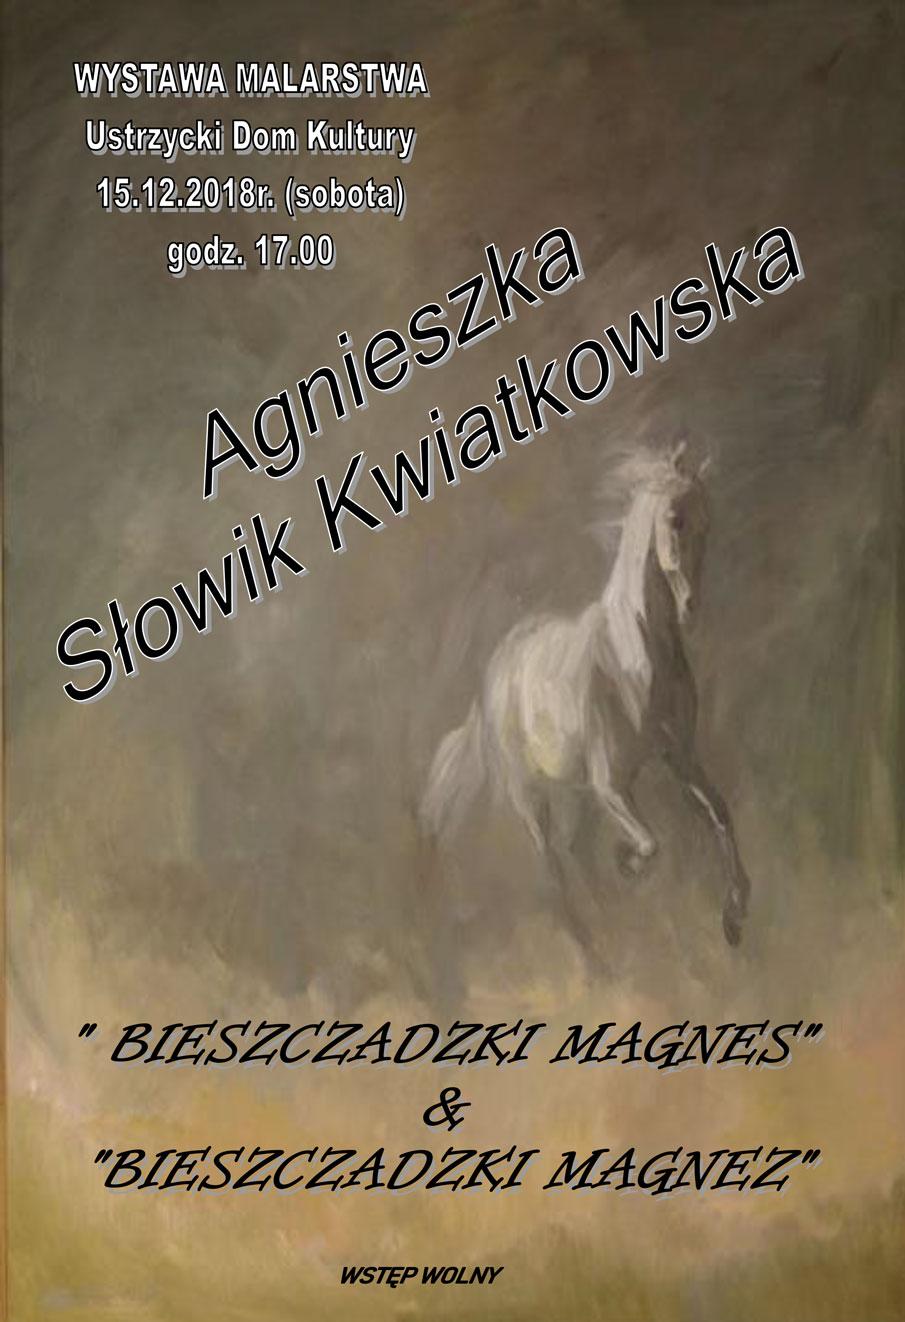 Wystawa malarstwa Agnieszki Słowik Kwiatkowskiej w Ustrzykach Dolnych